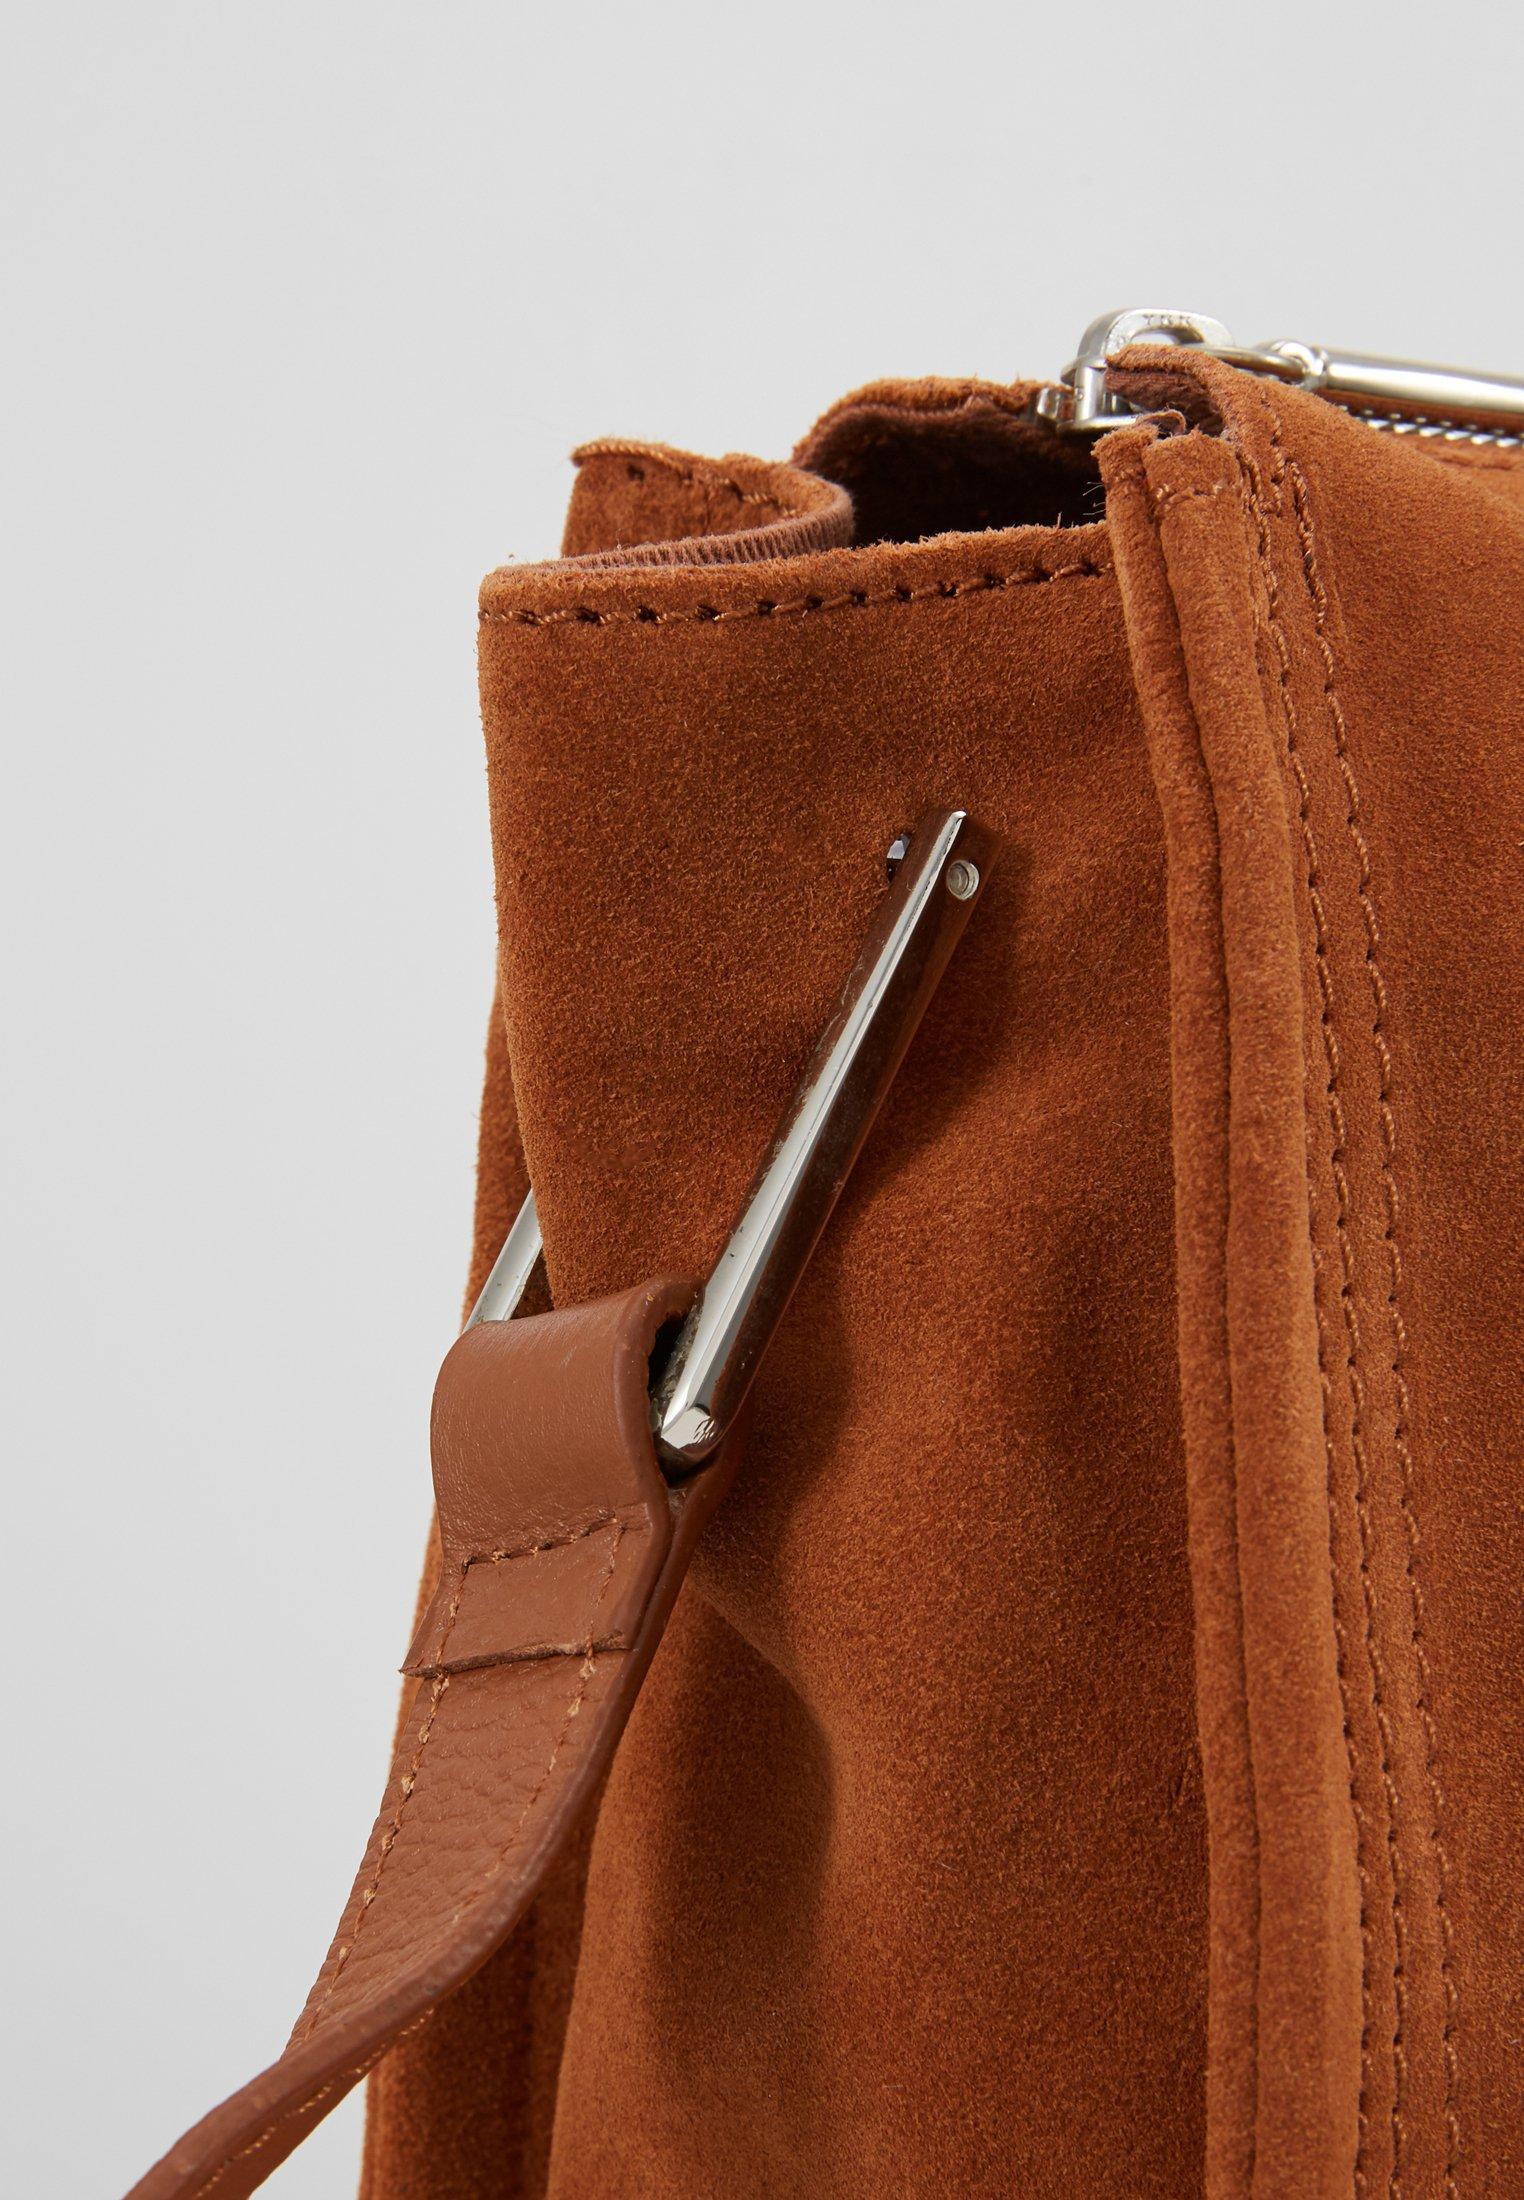 Porta Kiomi LeatherBorsa Porta Cognac LeatherBorsa Cognac Pc Kiomi Pc Kiomi 4jRLq3Ac5